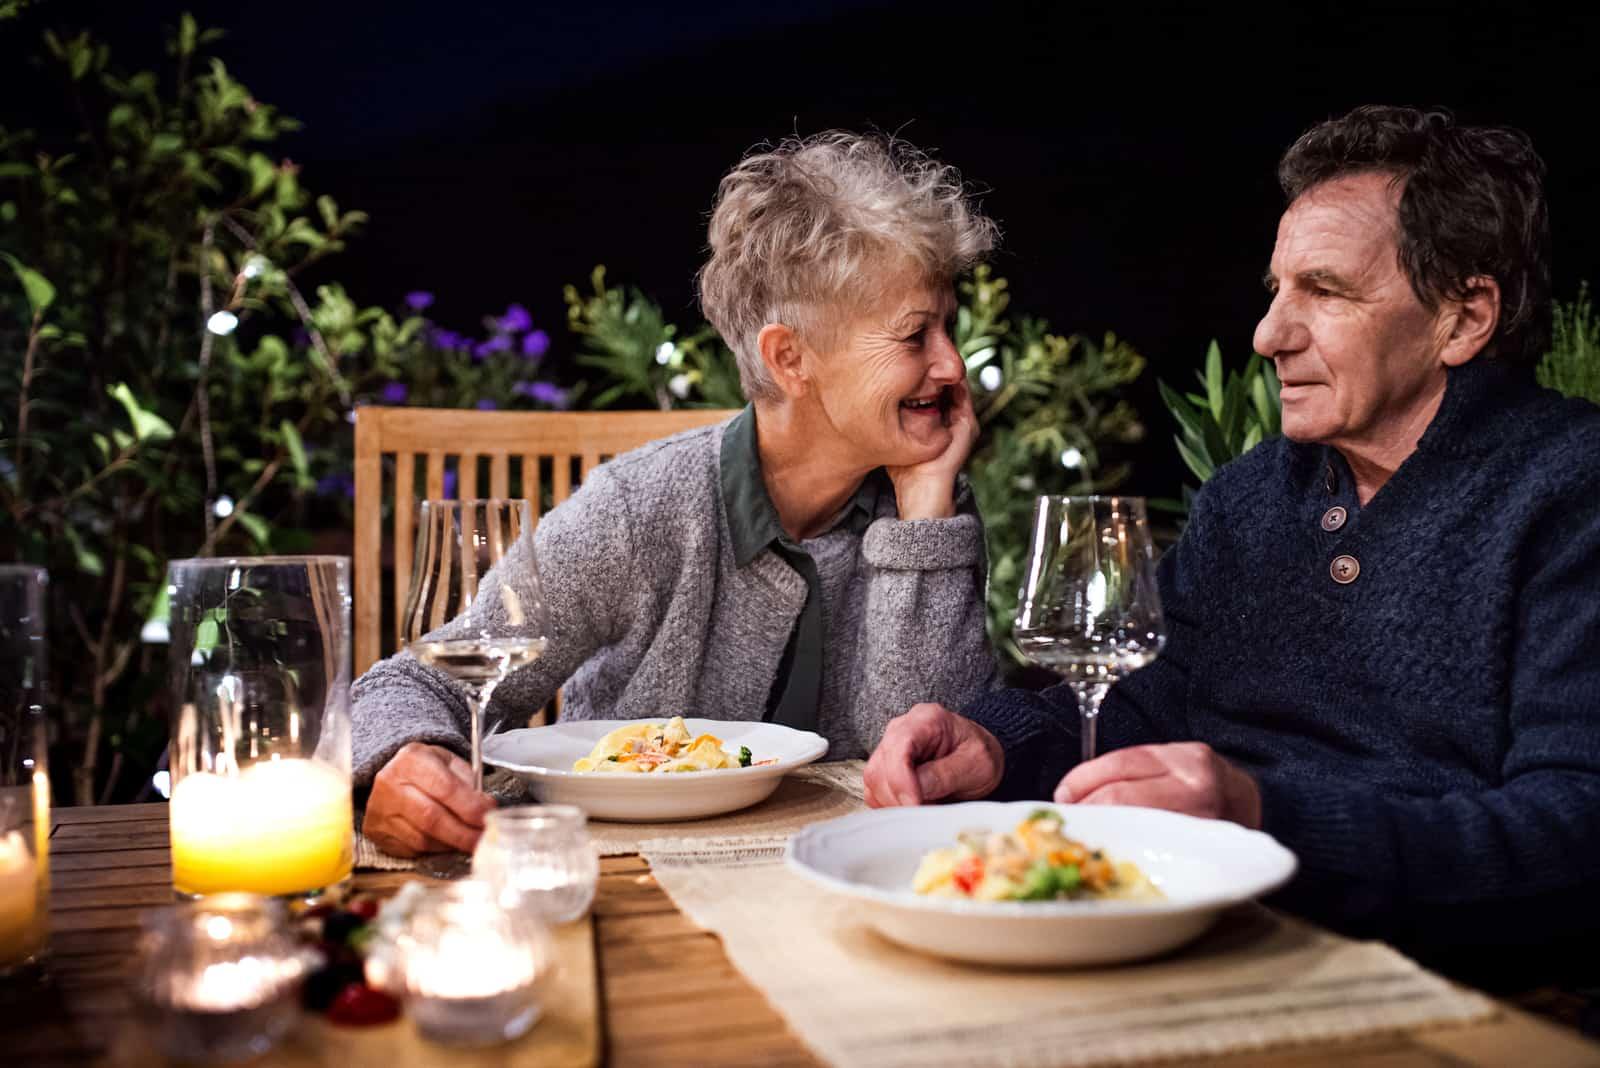 un homme et une femme à table boivent du vin